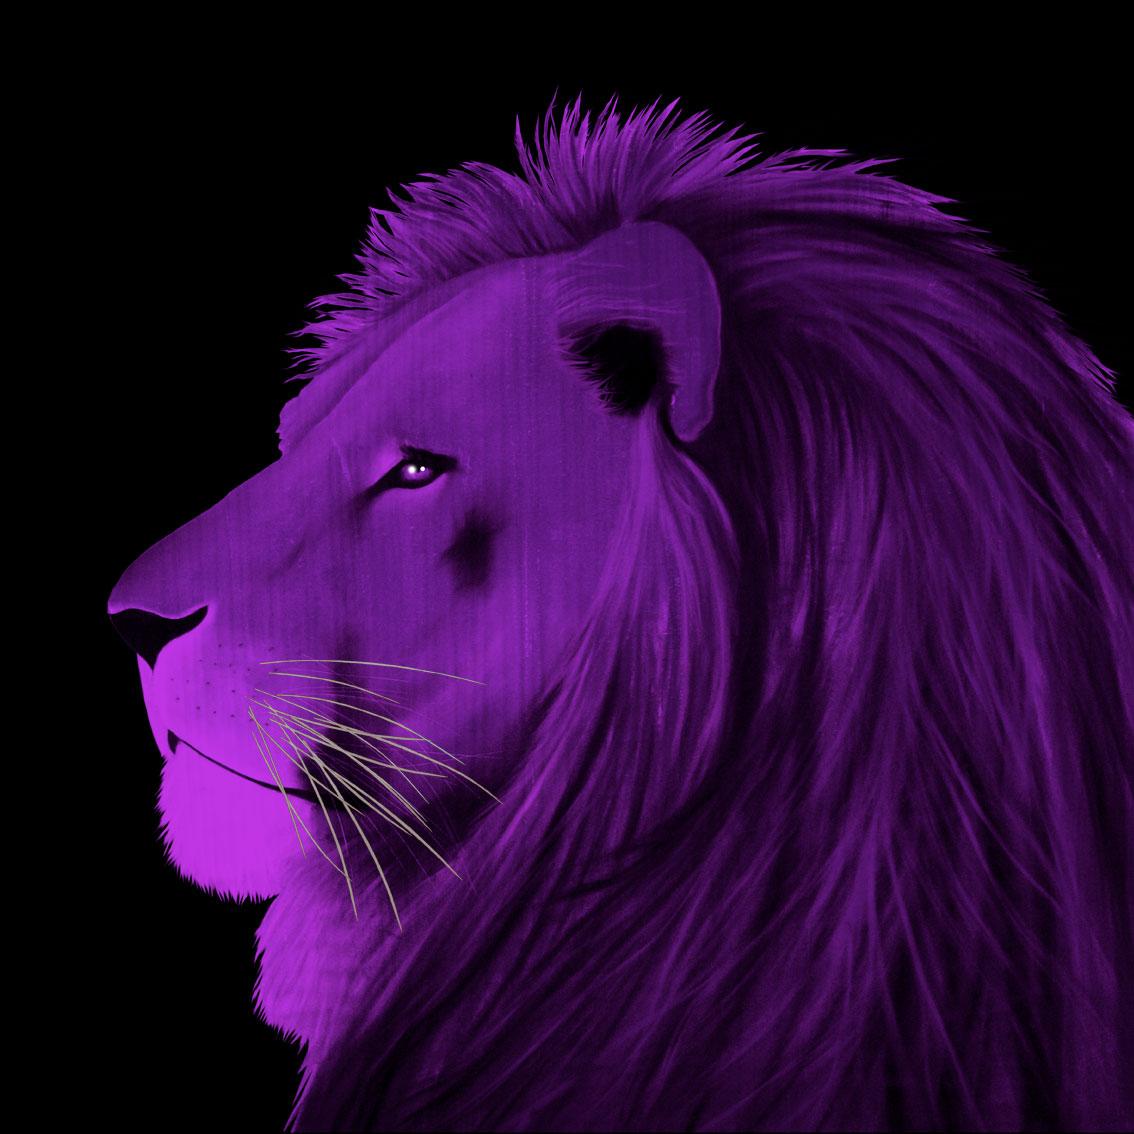 LION-VIOLET